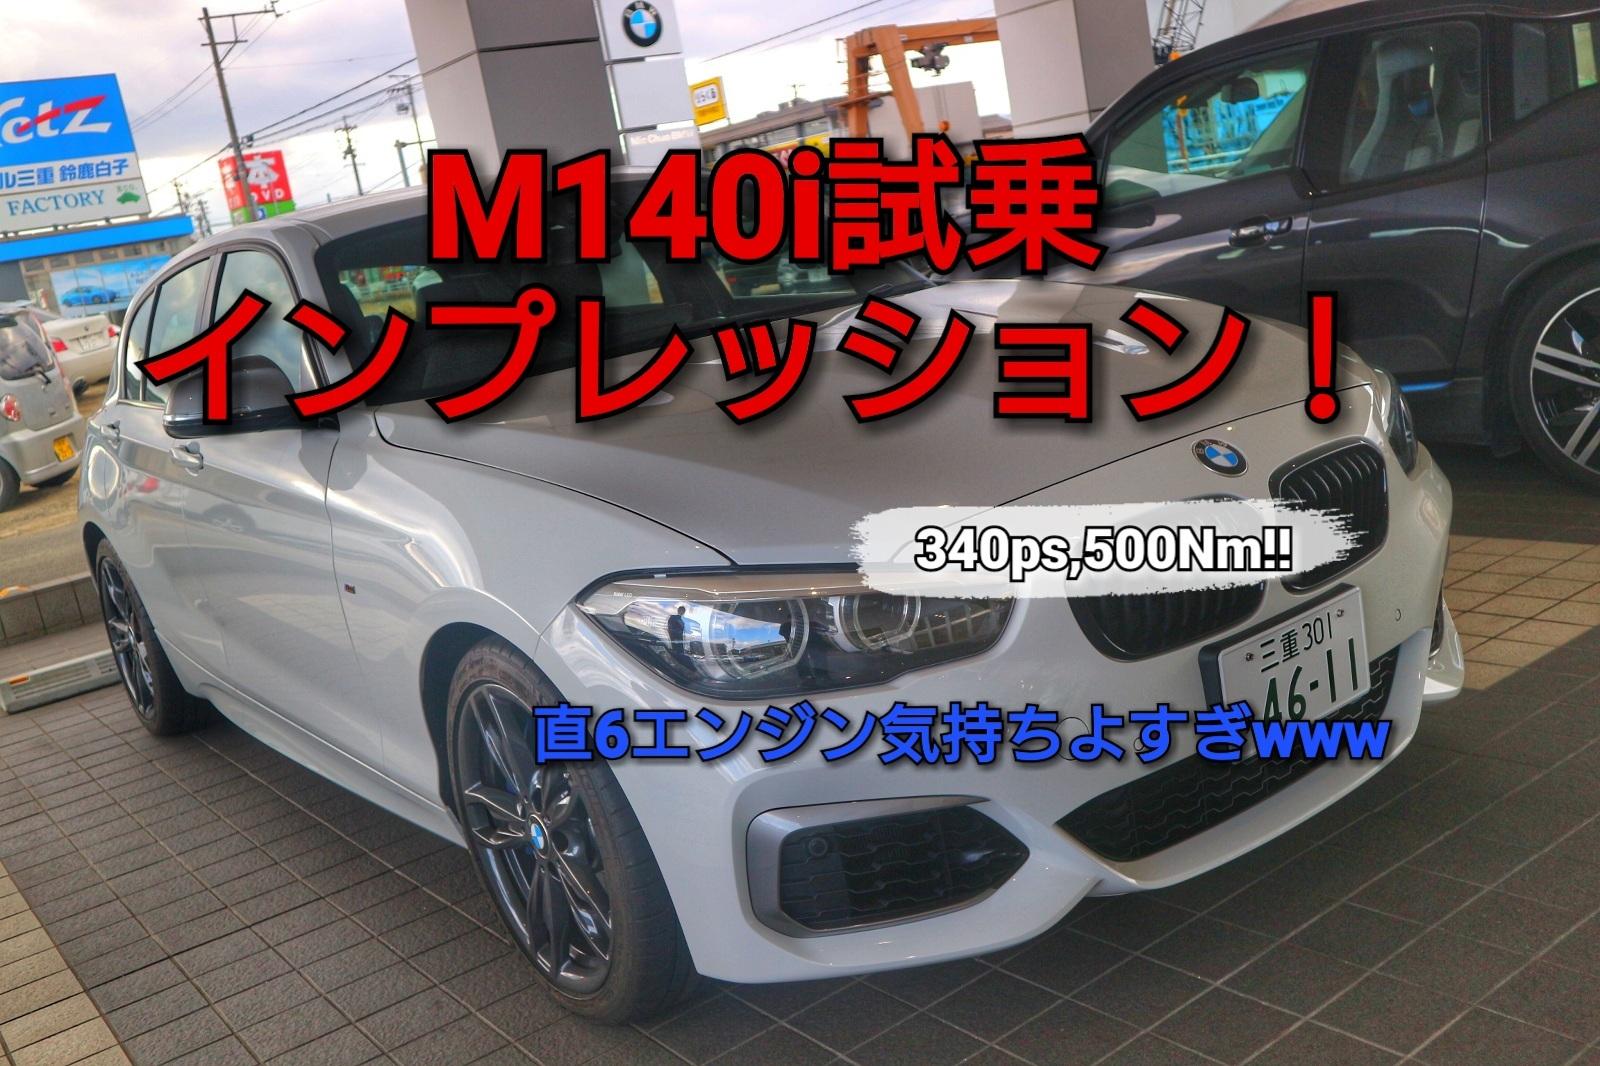 【1シリーズ最強モデル】想像以上に走りは別格!BMW M140i試乗インプレッション⑤!